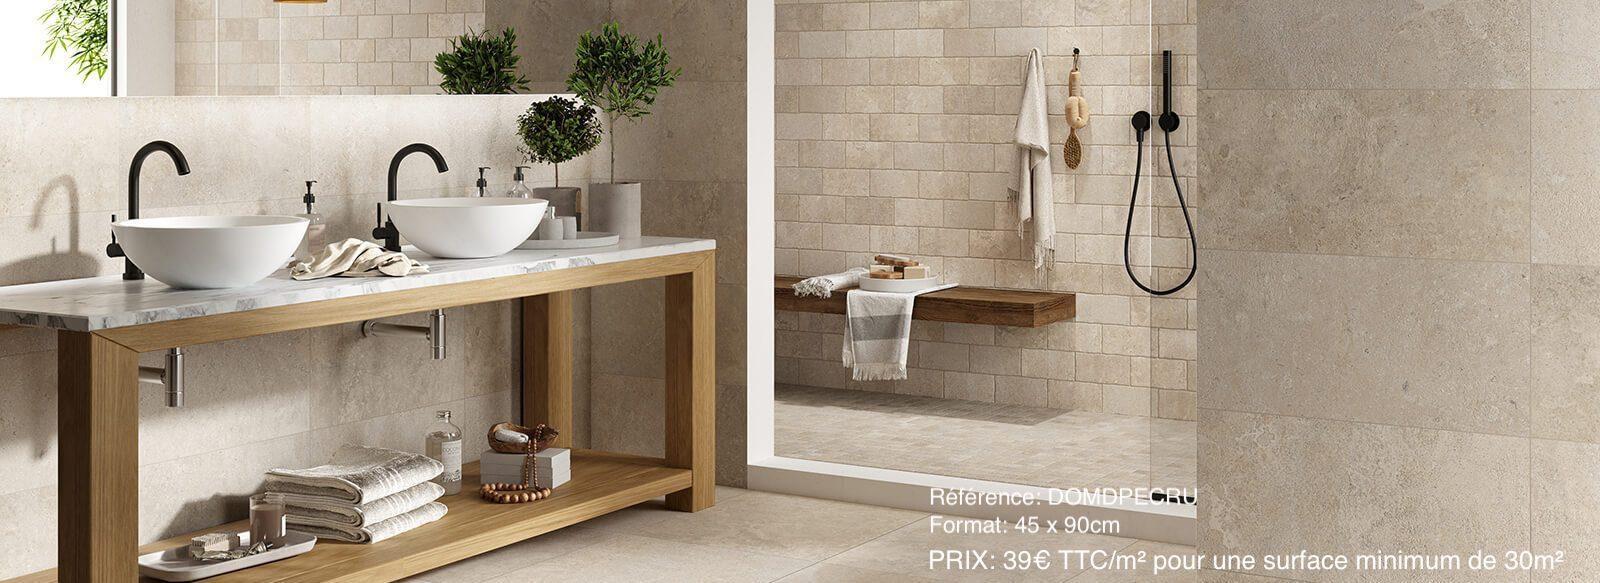 Salle de bain carrelage pierre nuancée